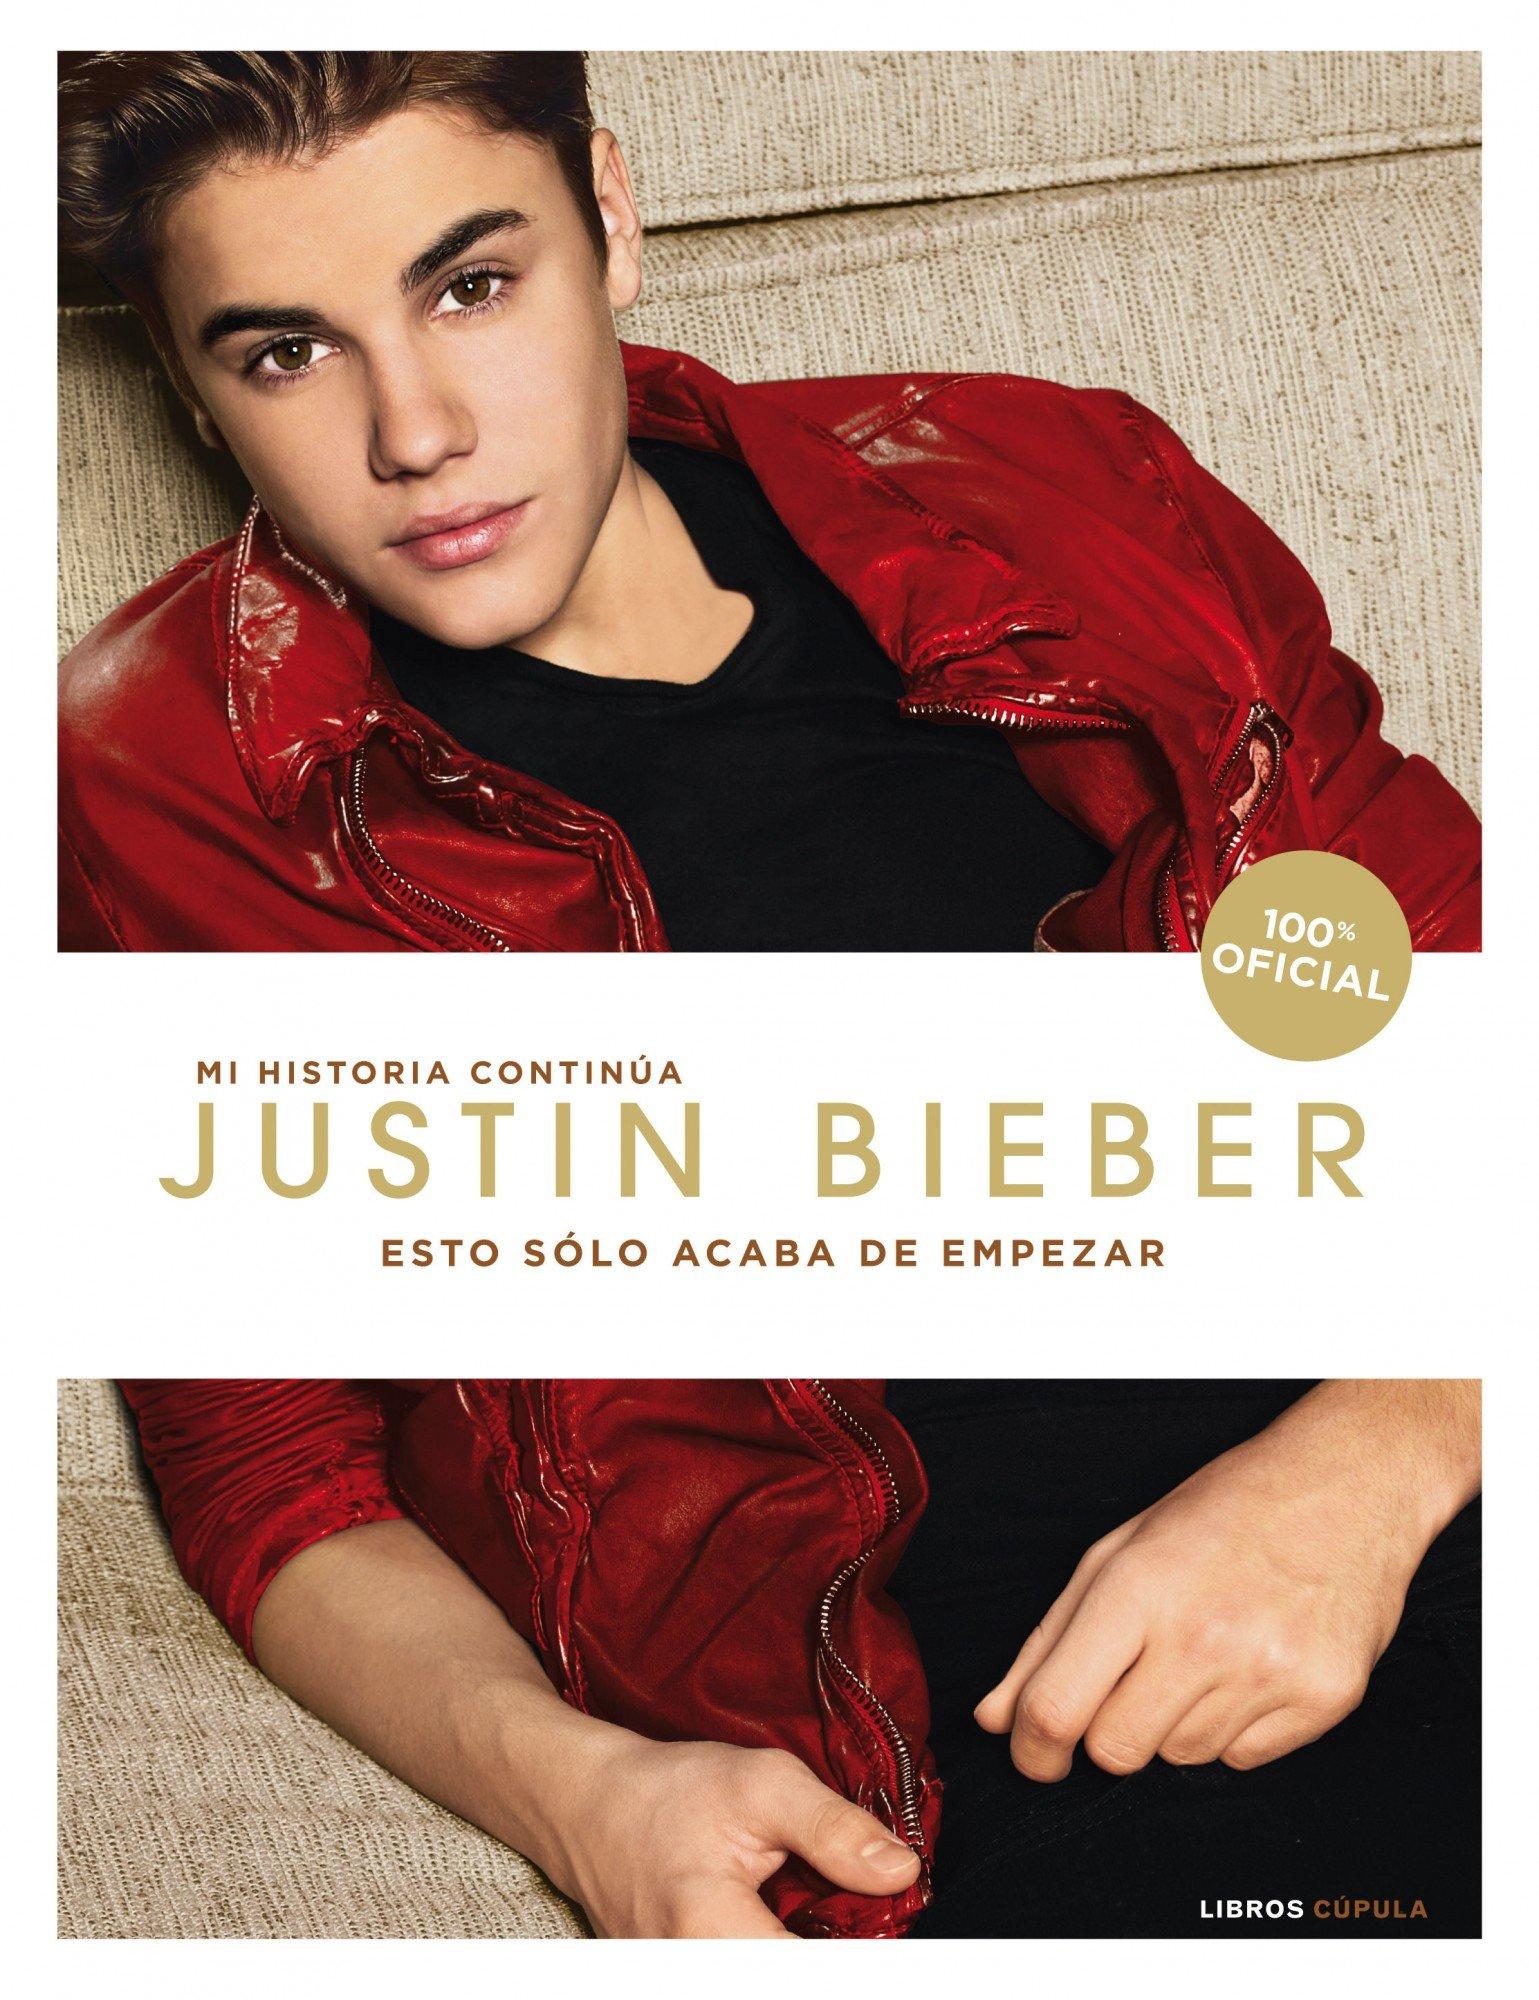 Justin Bieber. Esto sólo acaba de empezar Música y cine: Amazon.es: Justin Bieber, Òrbita gràfica per publicacions S.L.: Libros